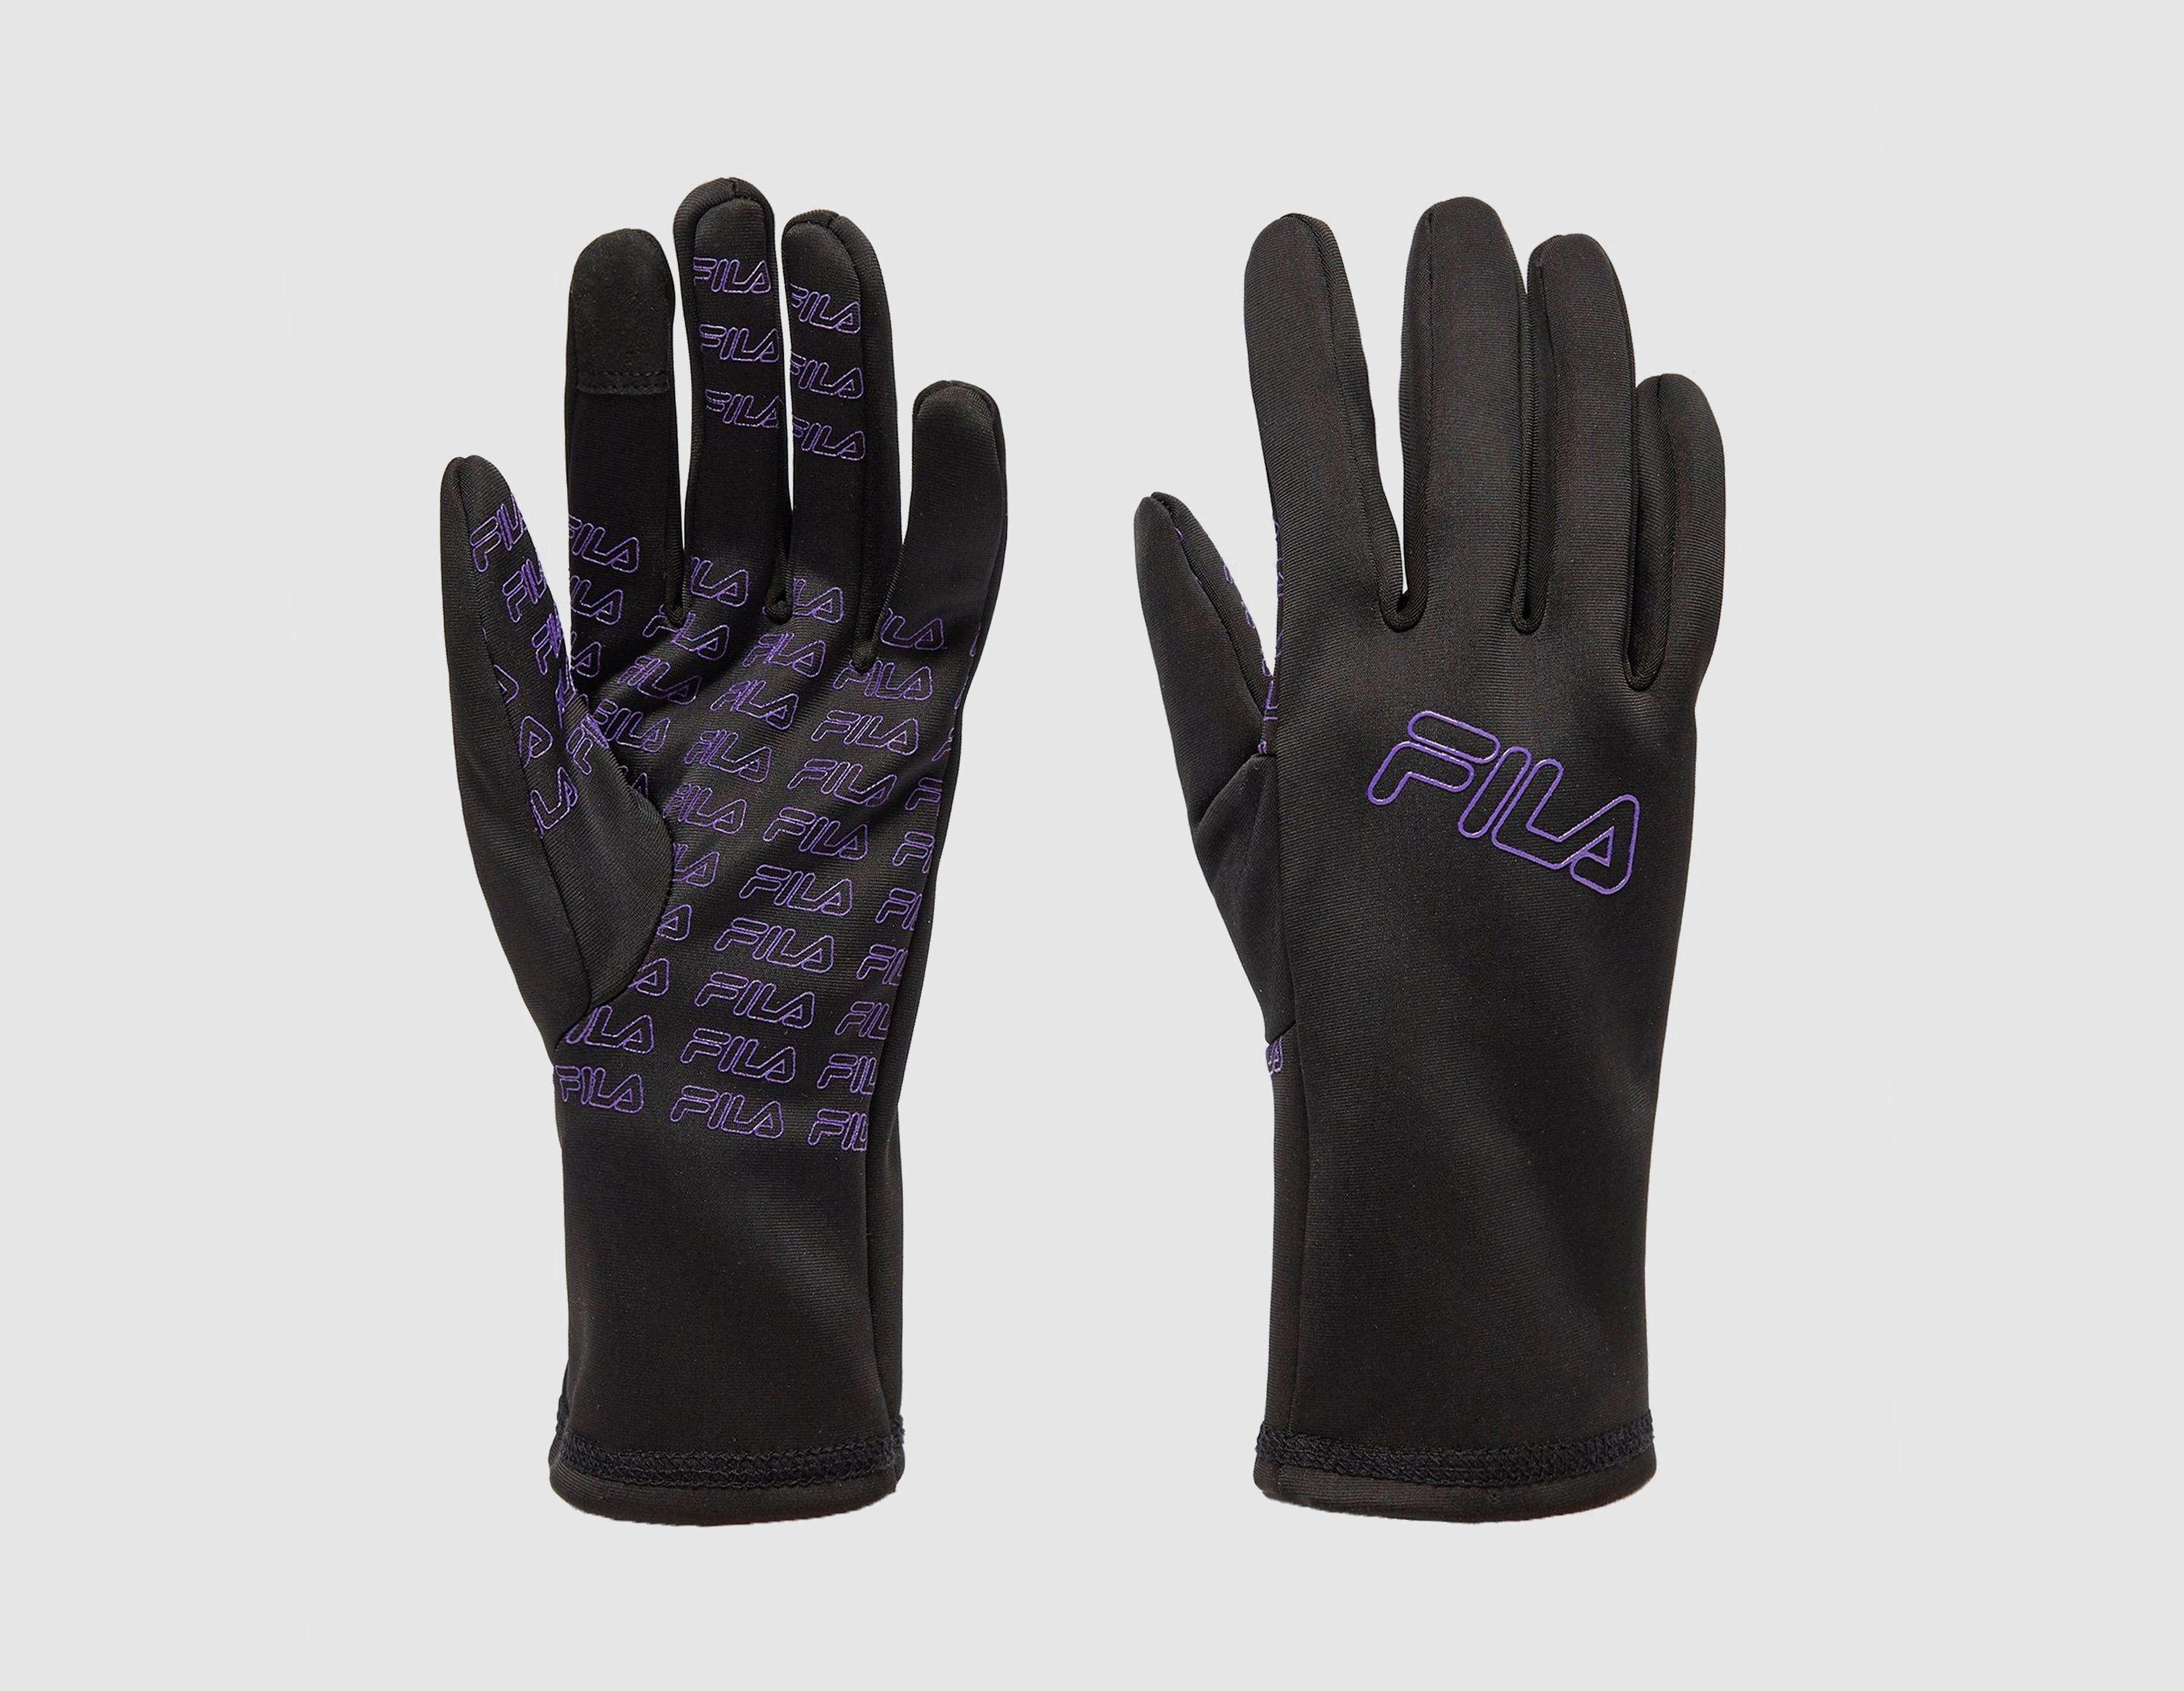 Fila Milazzo Ski Gloves - size? Exclusive